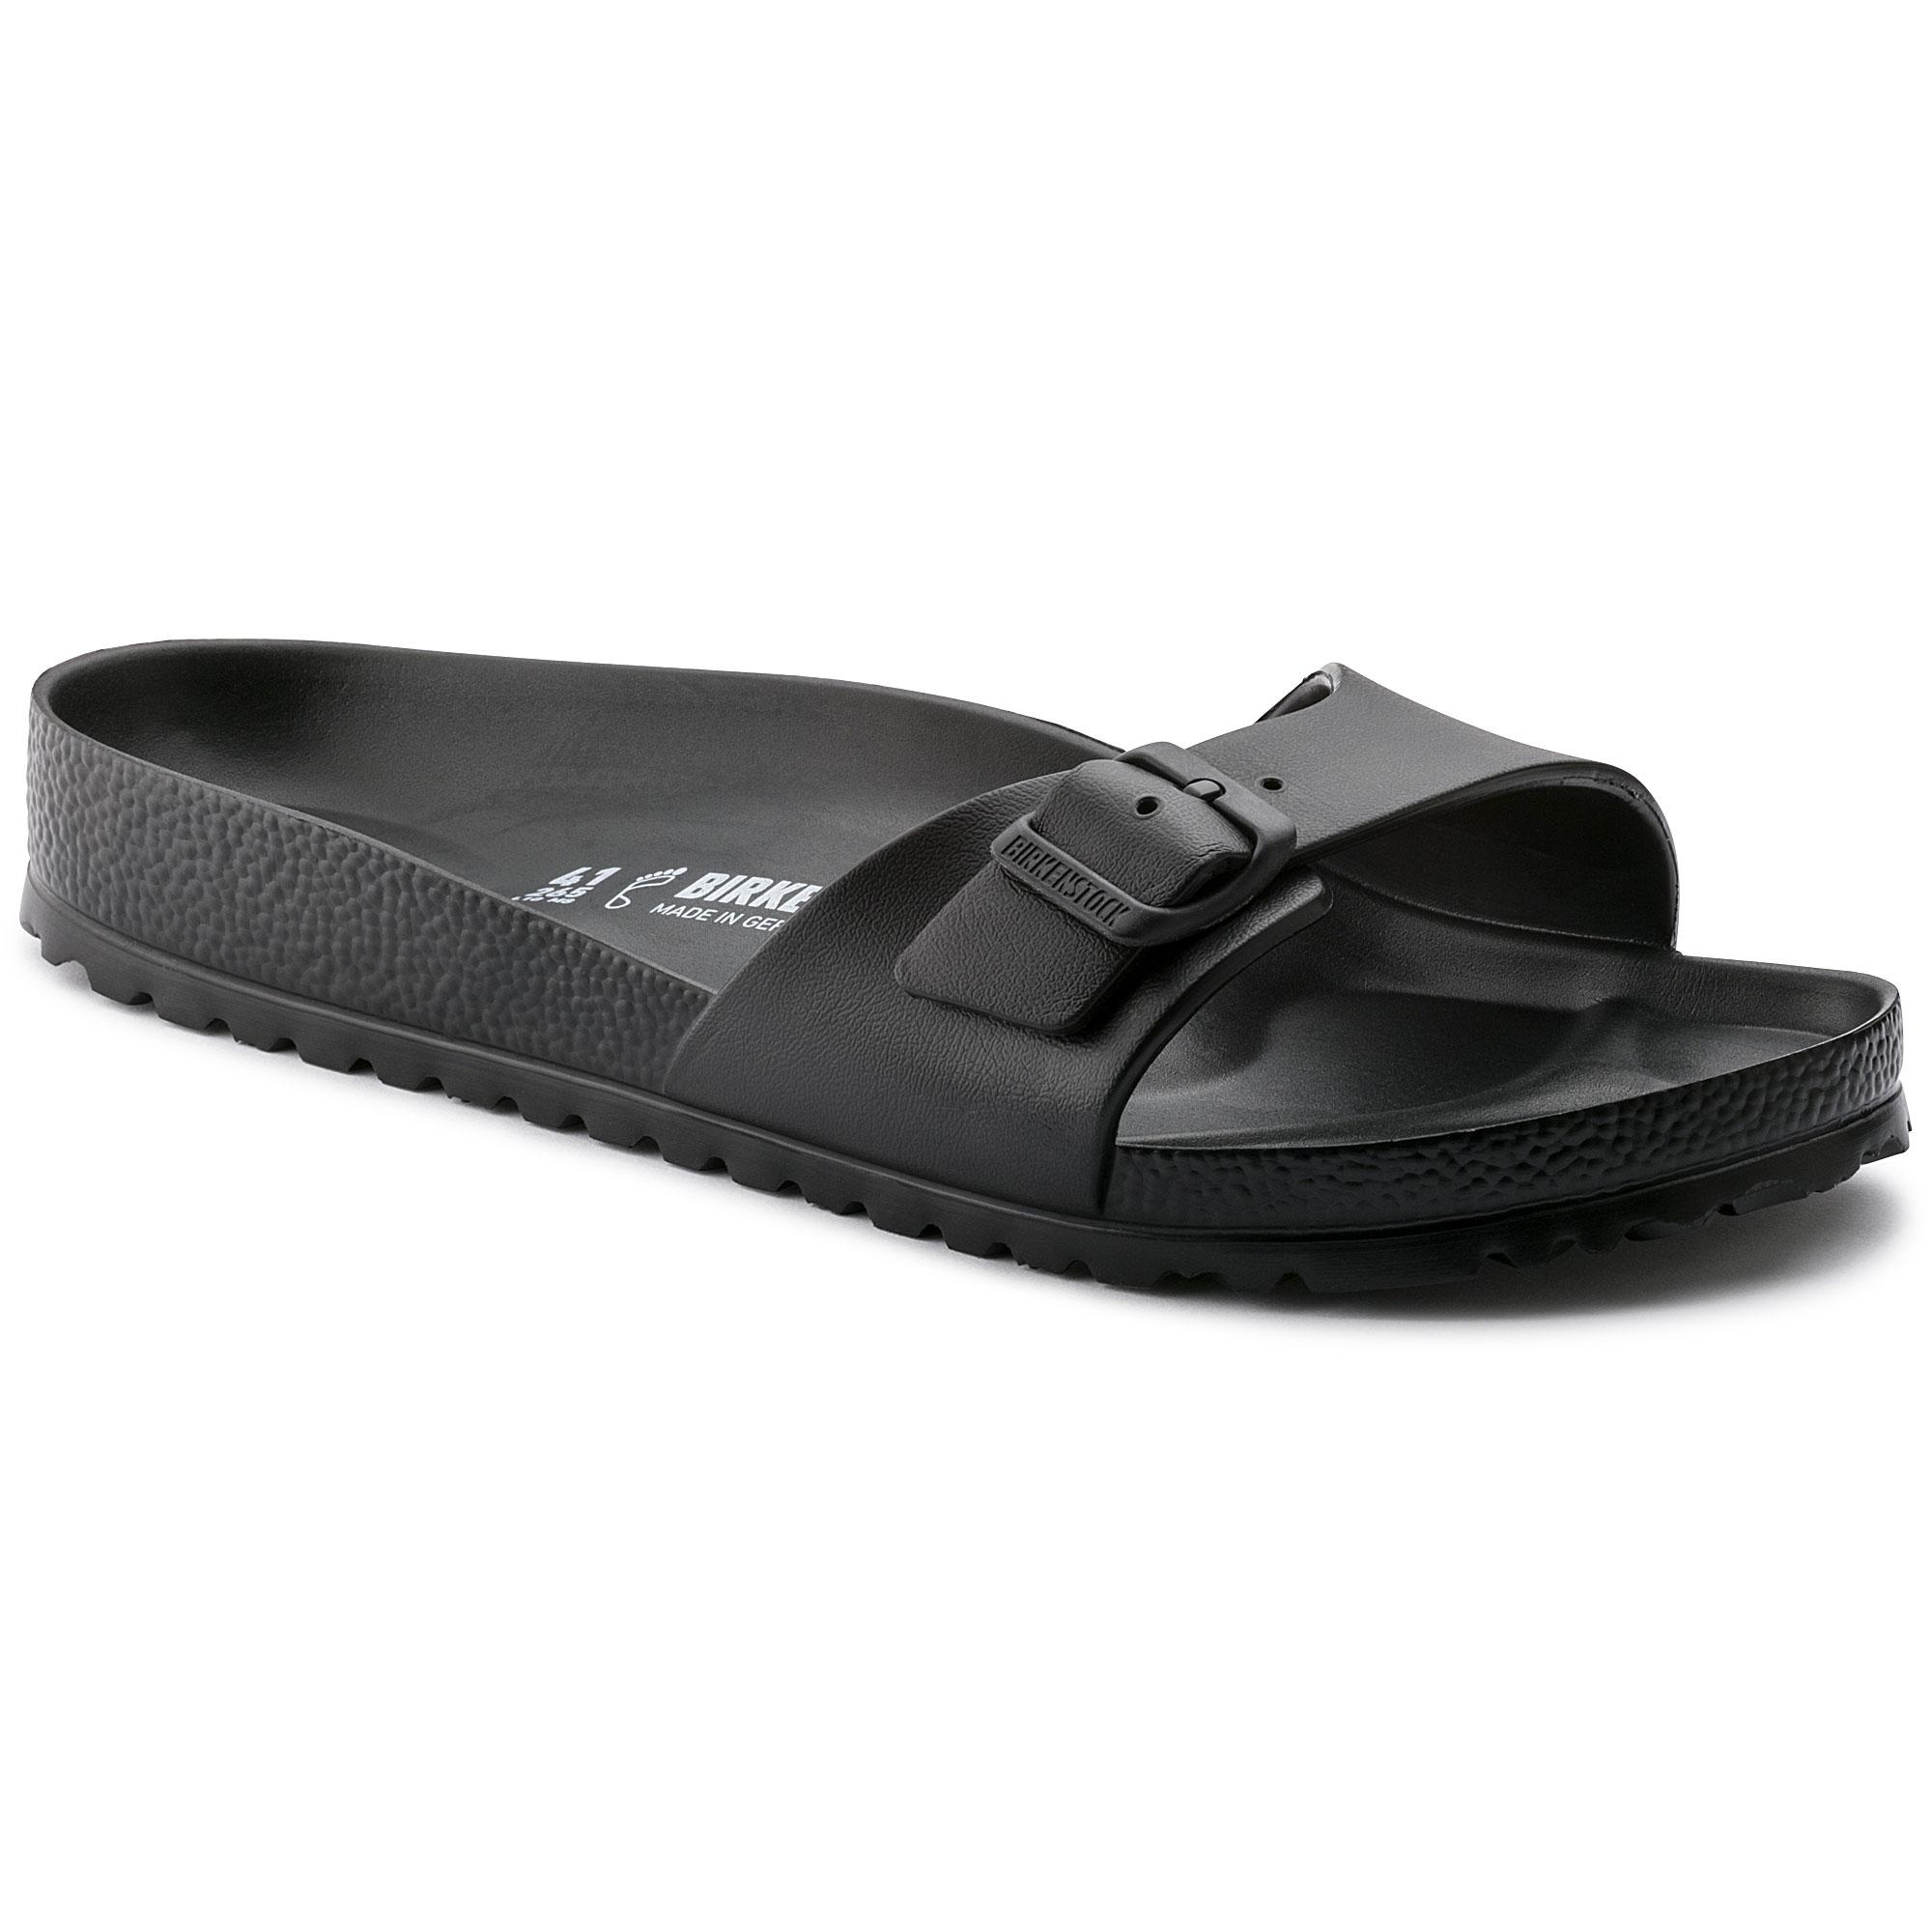 BIRKENSTOCK MADRID EVA Red Buckle Slide Sandals Women's Size